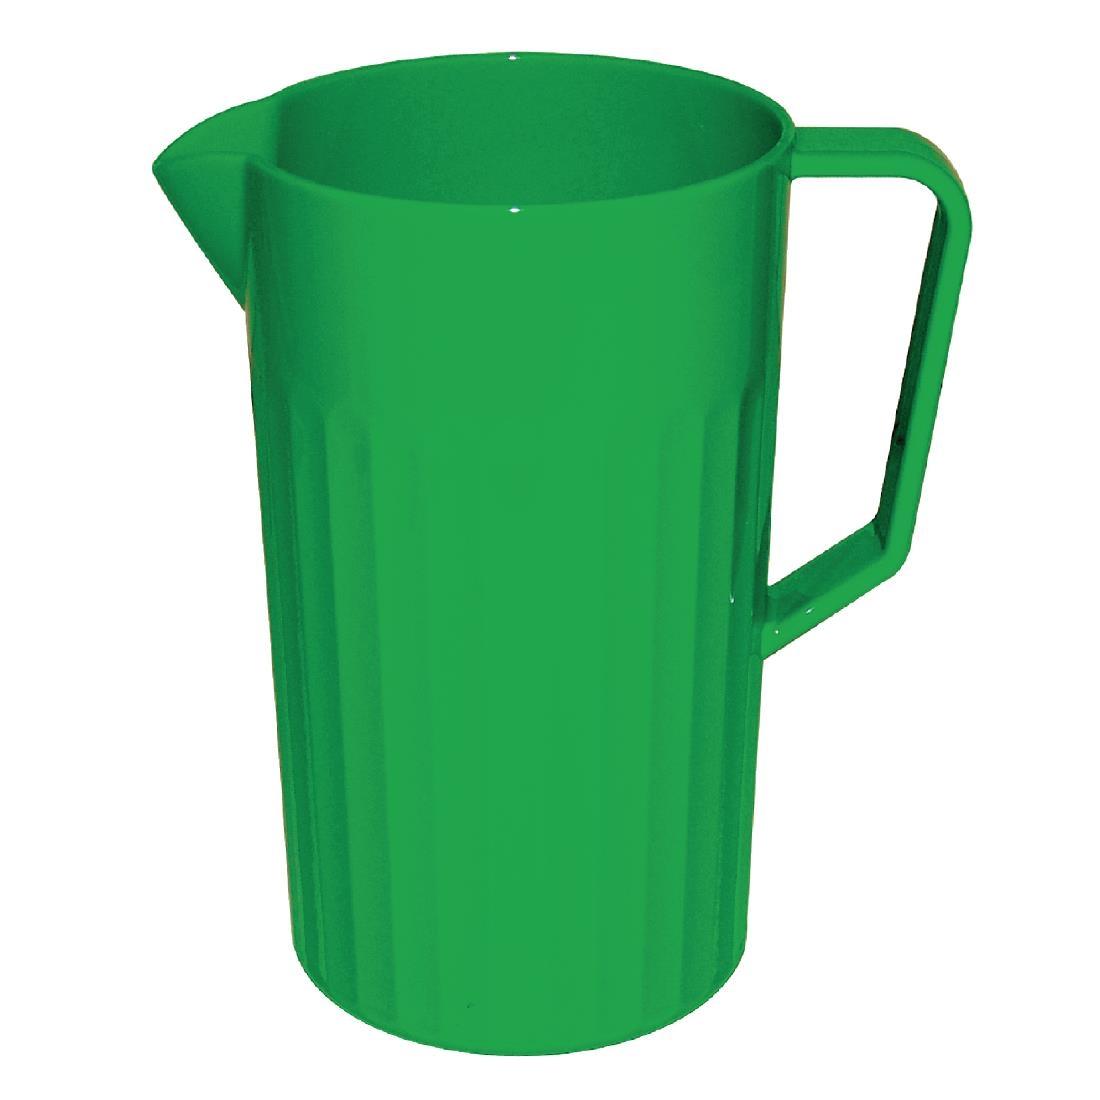 Jug - Green